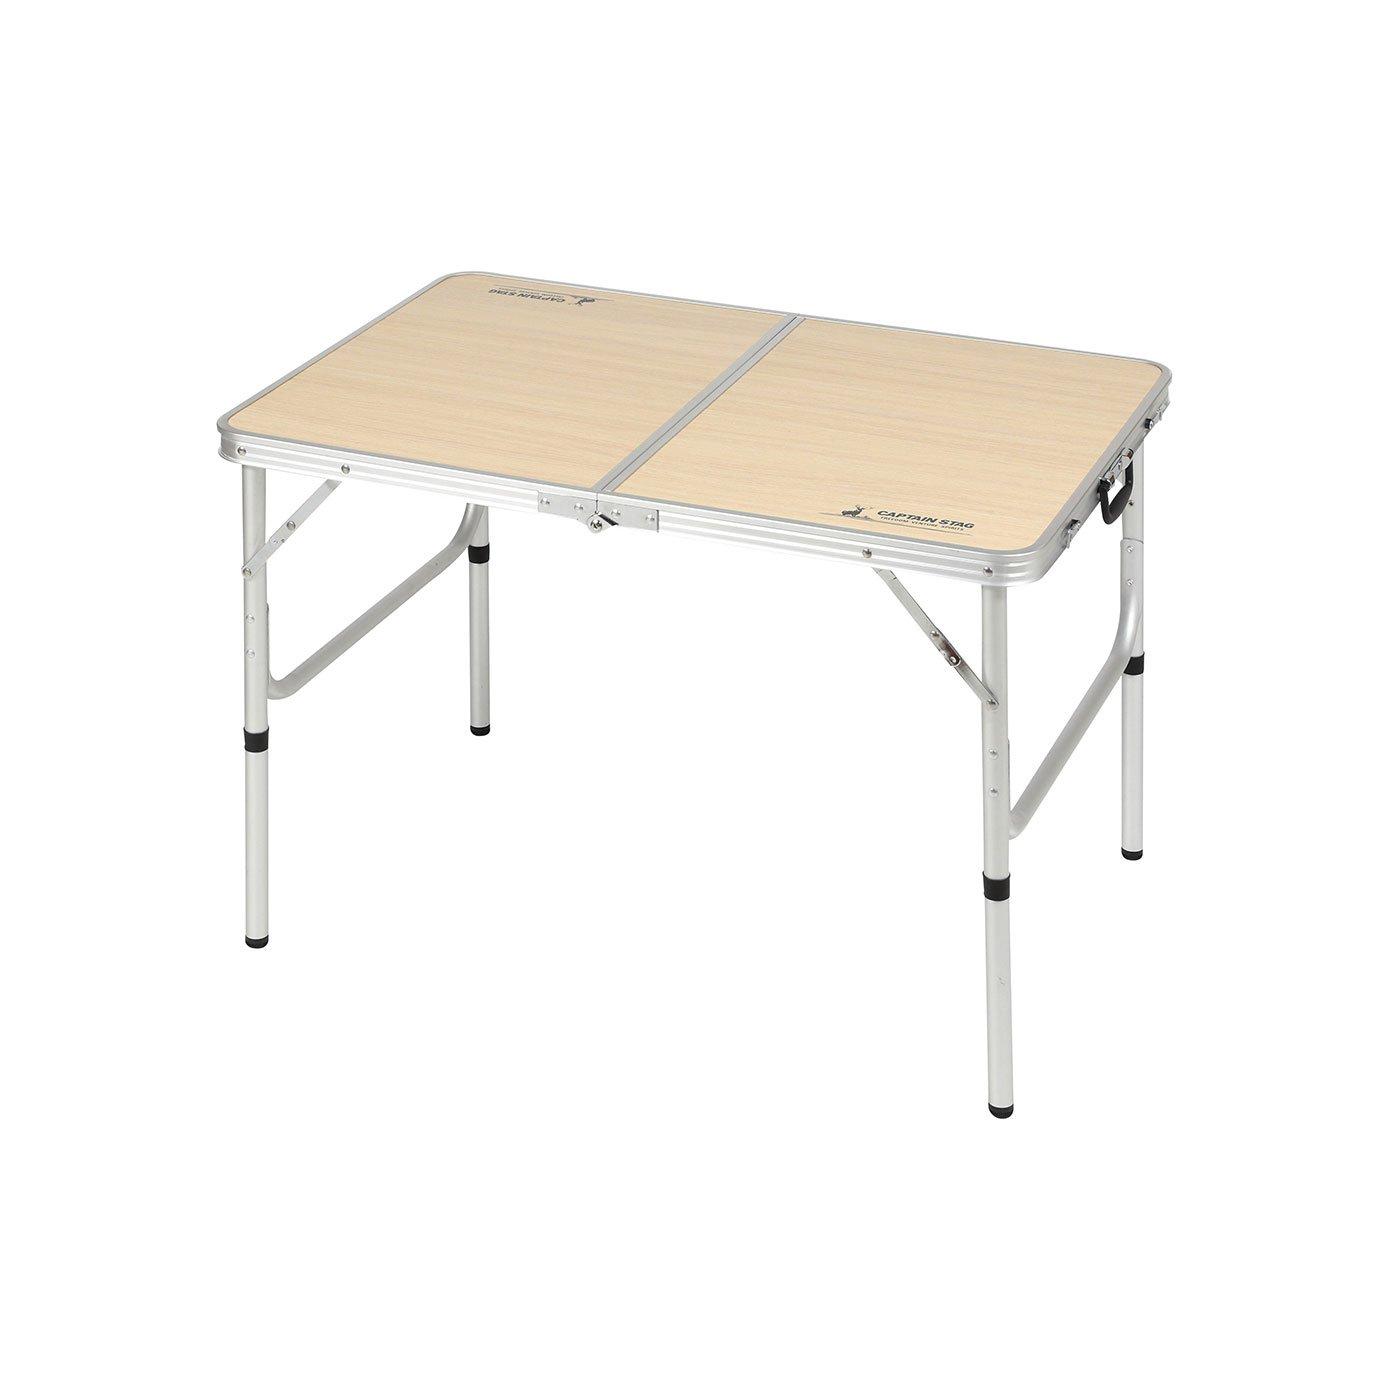 高さ2段階調節が可能! 持ち運び便利な折りたたみテーブル〈2~4人用〉